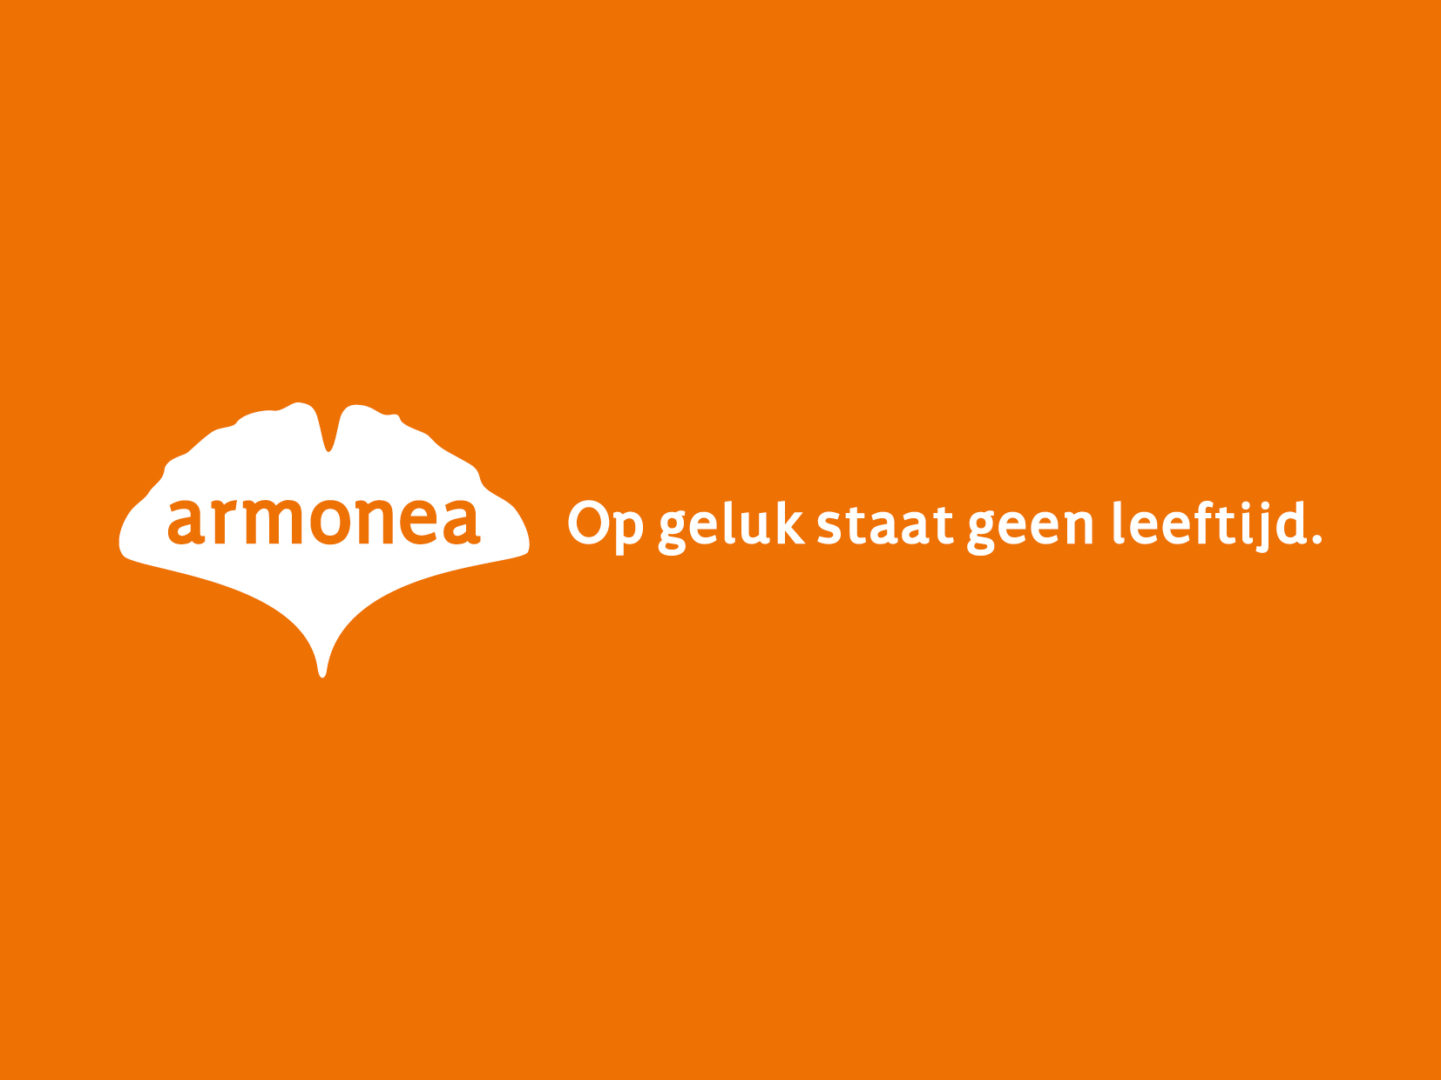 Armonea logo and tagline